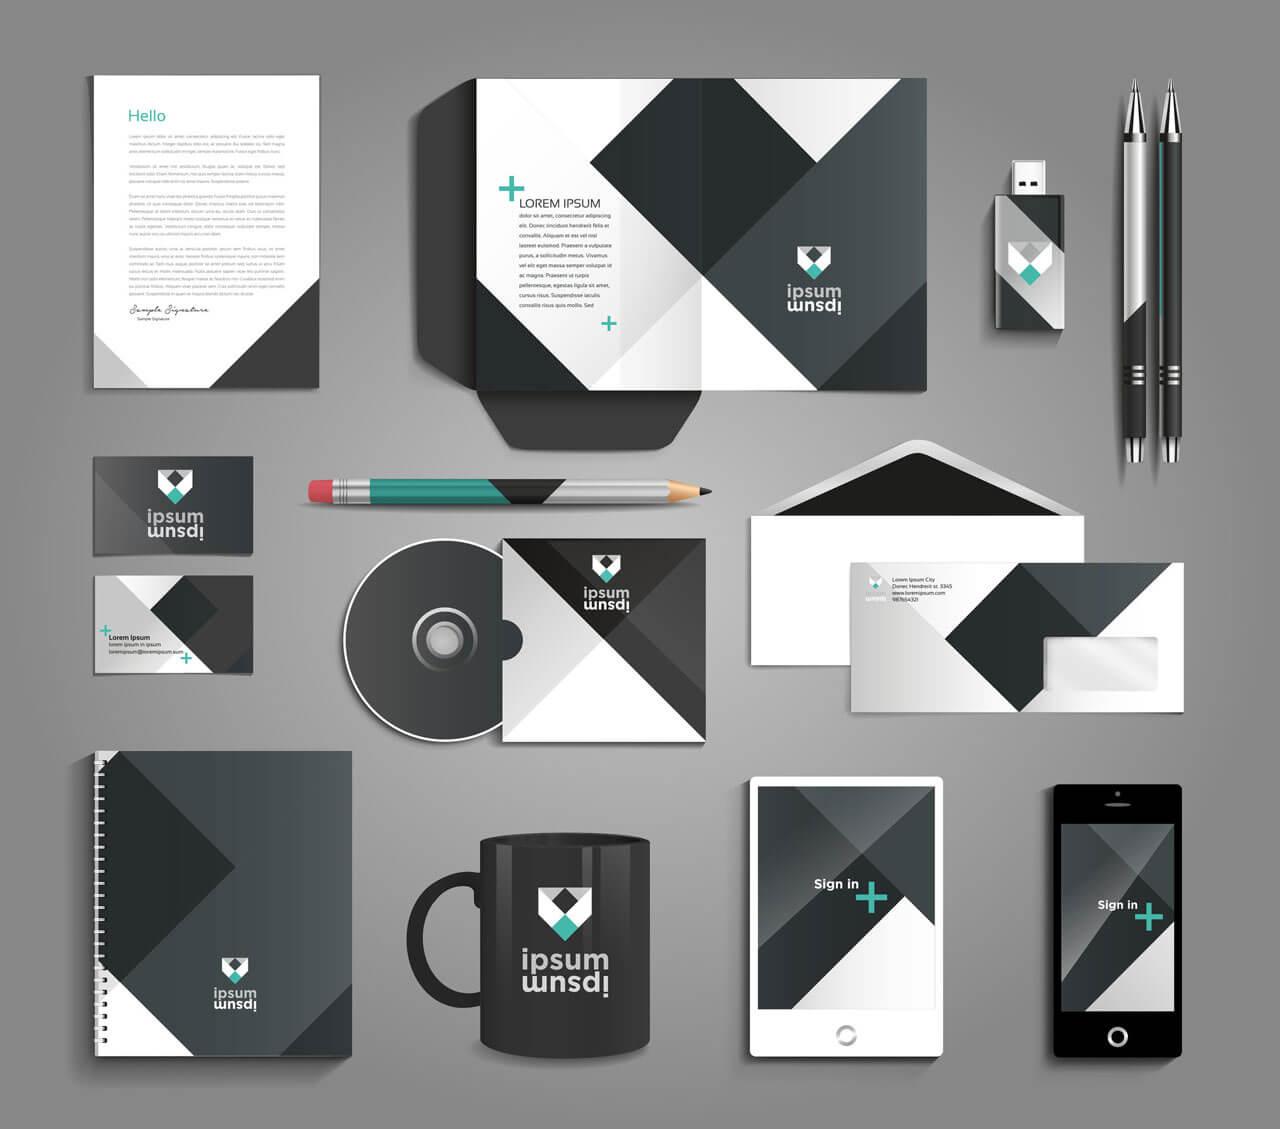 עיצוב דיגיטל ודפוס